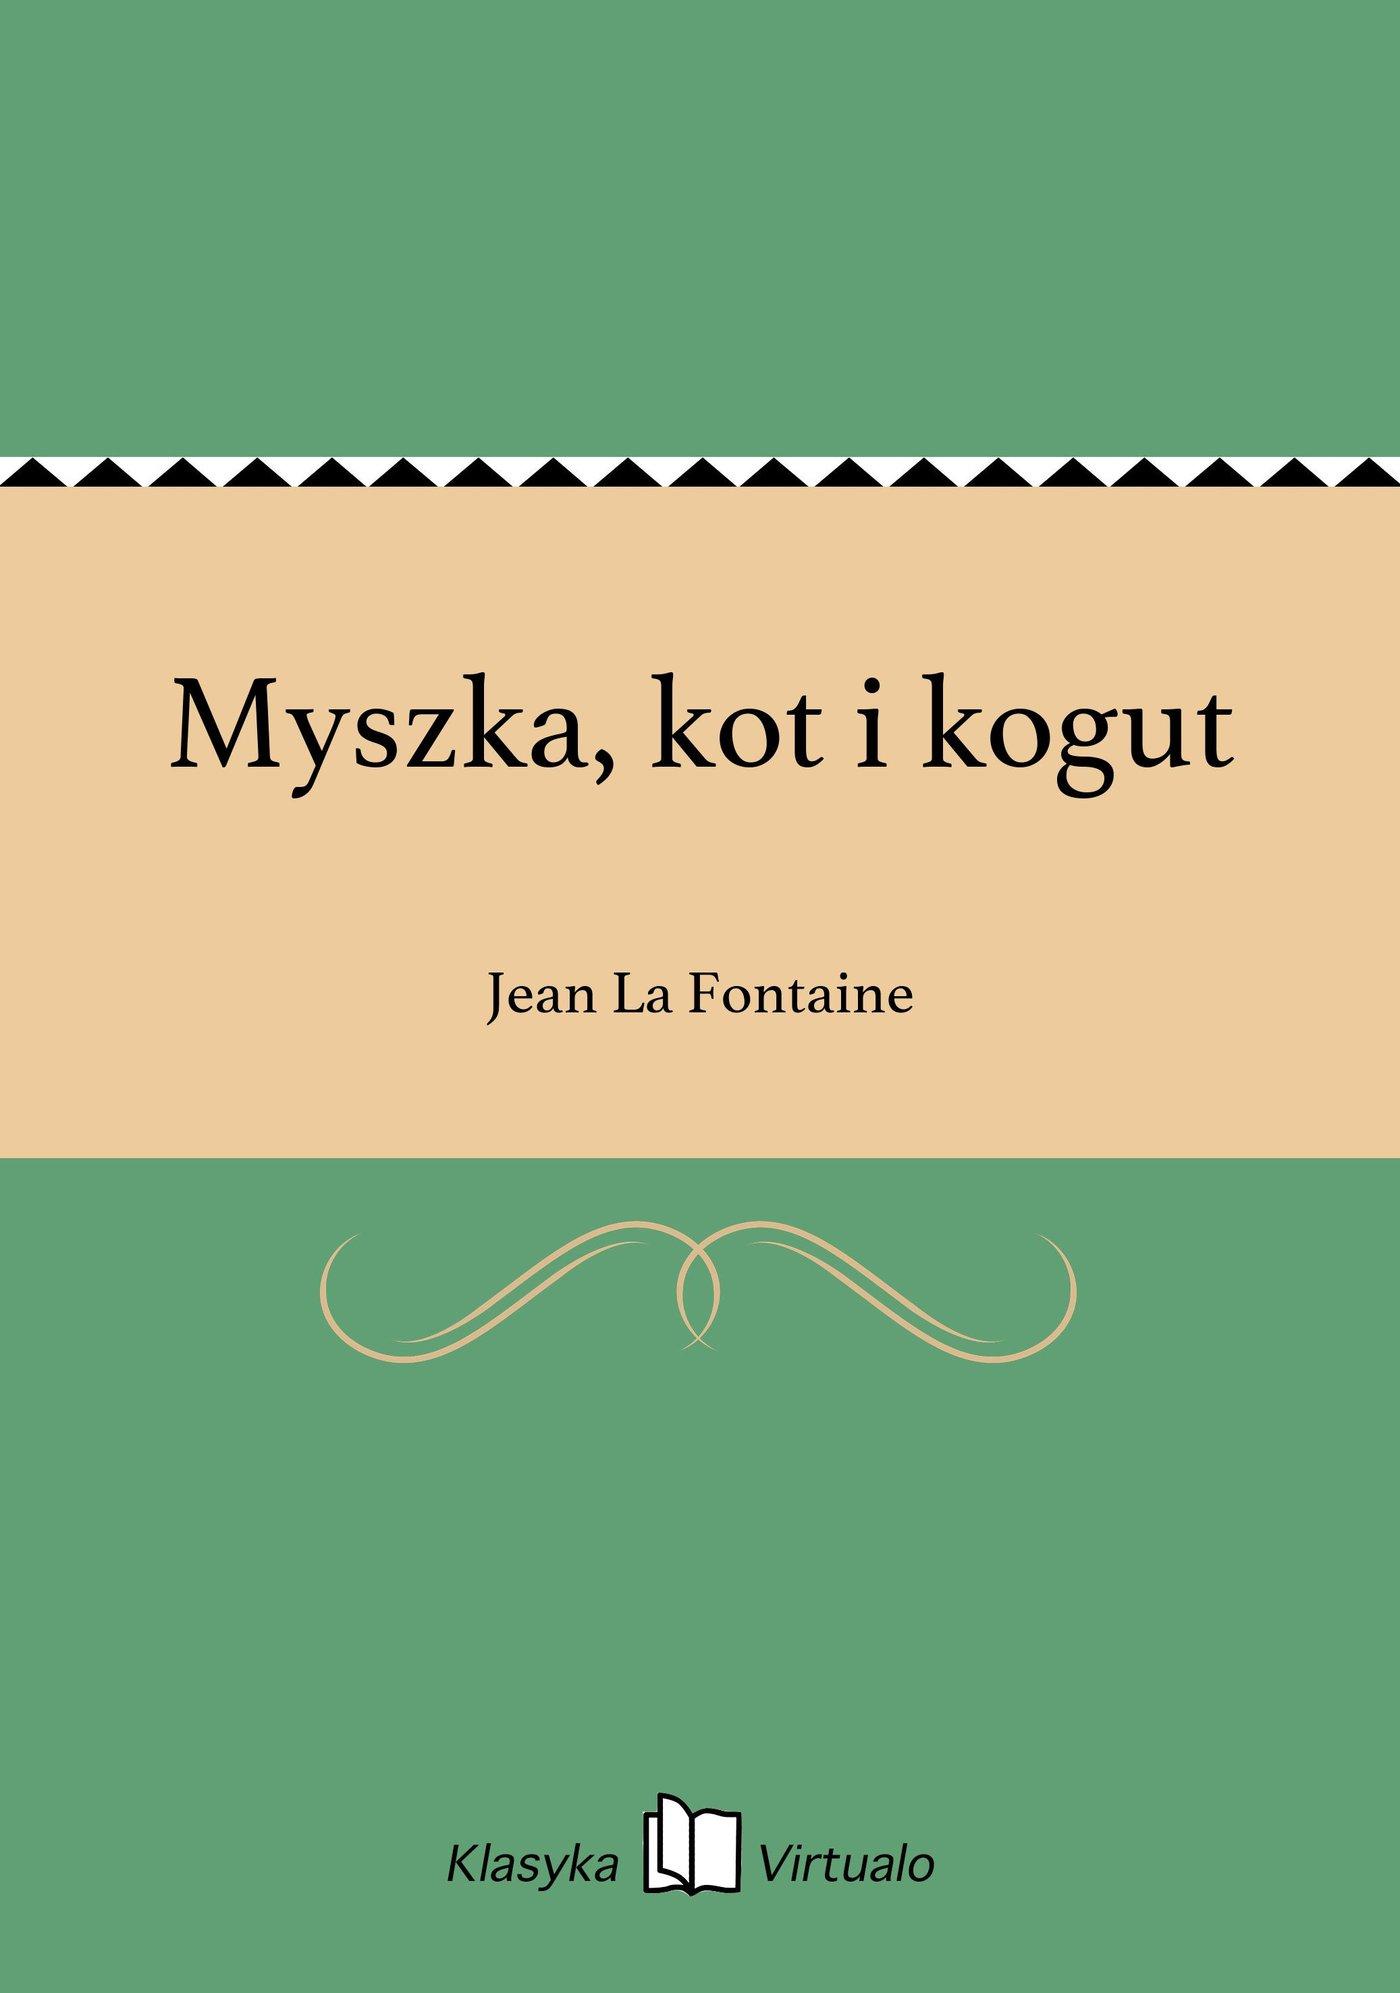 Myszka, kot i kogut - Ebook (Książka EPUB) do pobrania w formacie EPUB